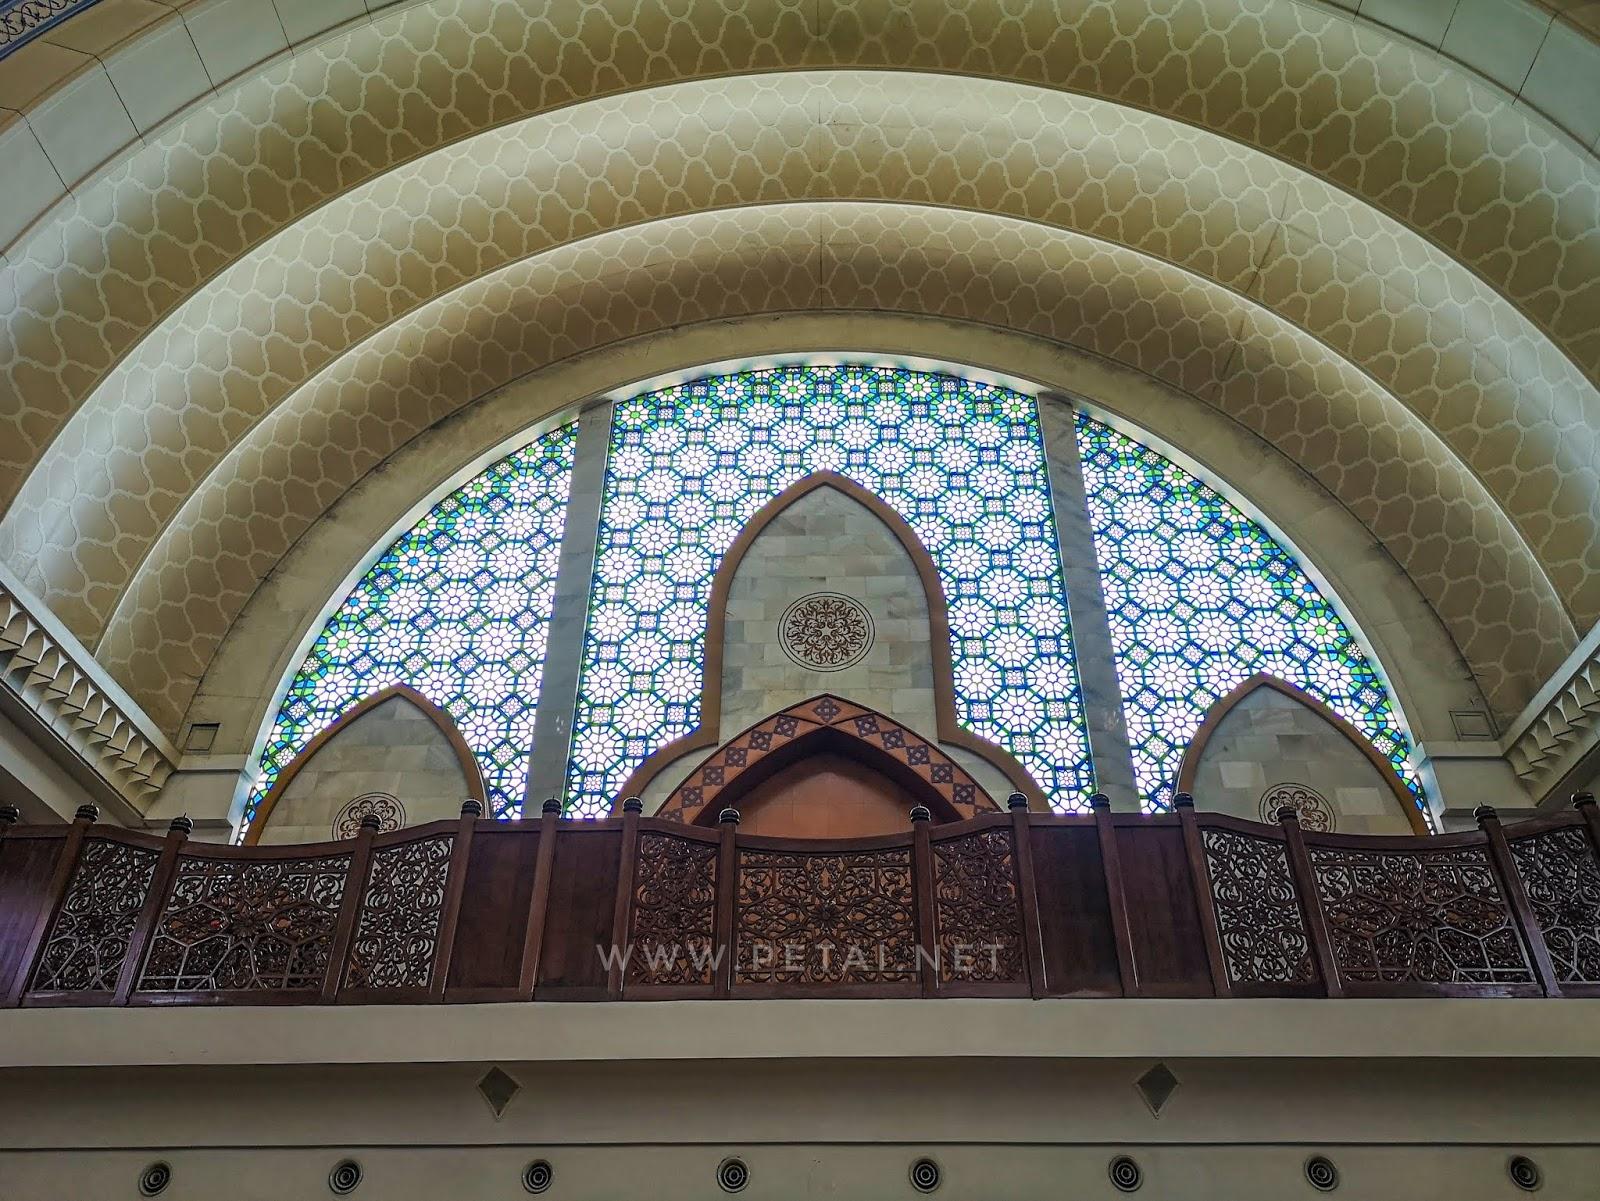 Masjid Wilayah Persekutuan Kuala Lumpur - Gerbang